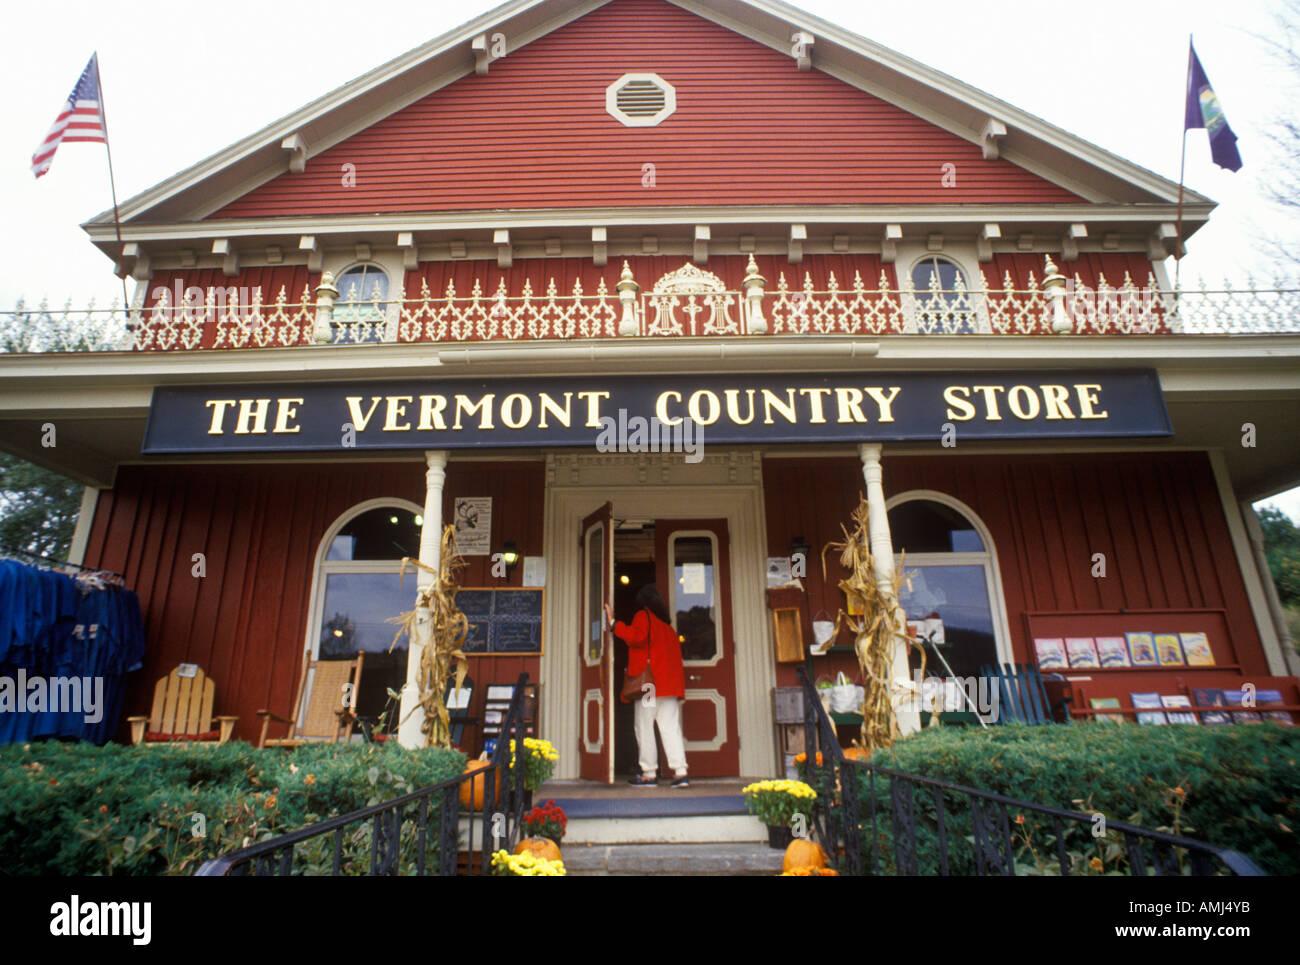 Porche du Vermont Country Store dans Rockingham VT Banque D'Images